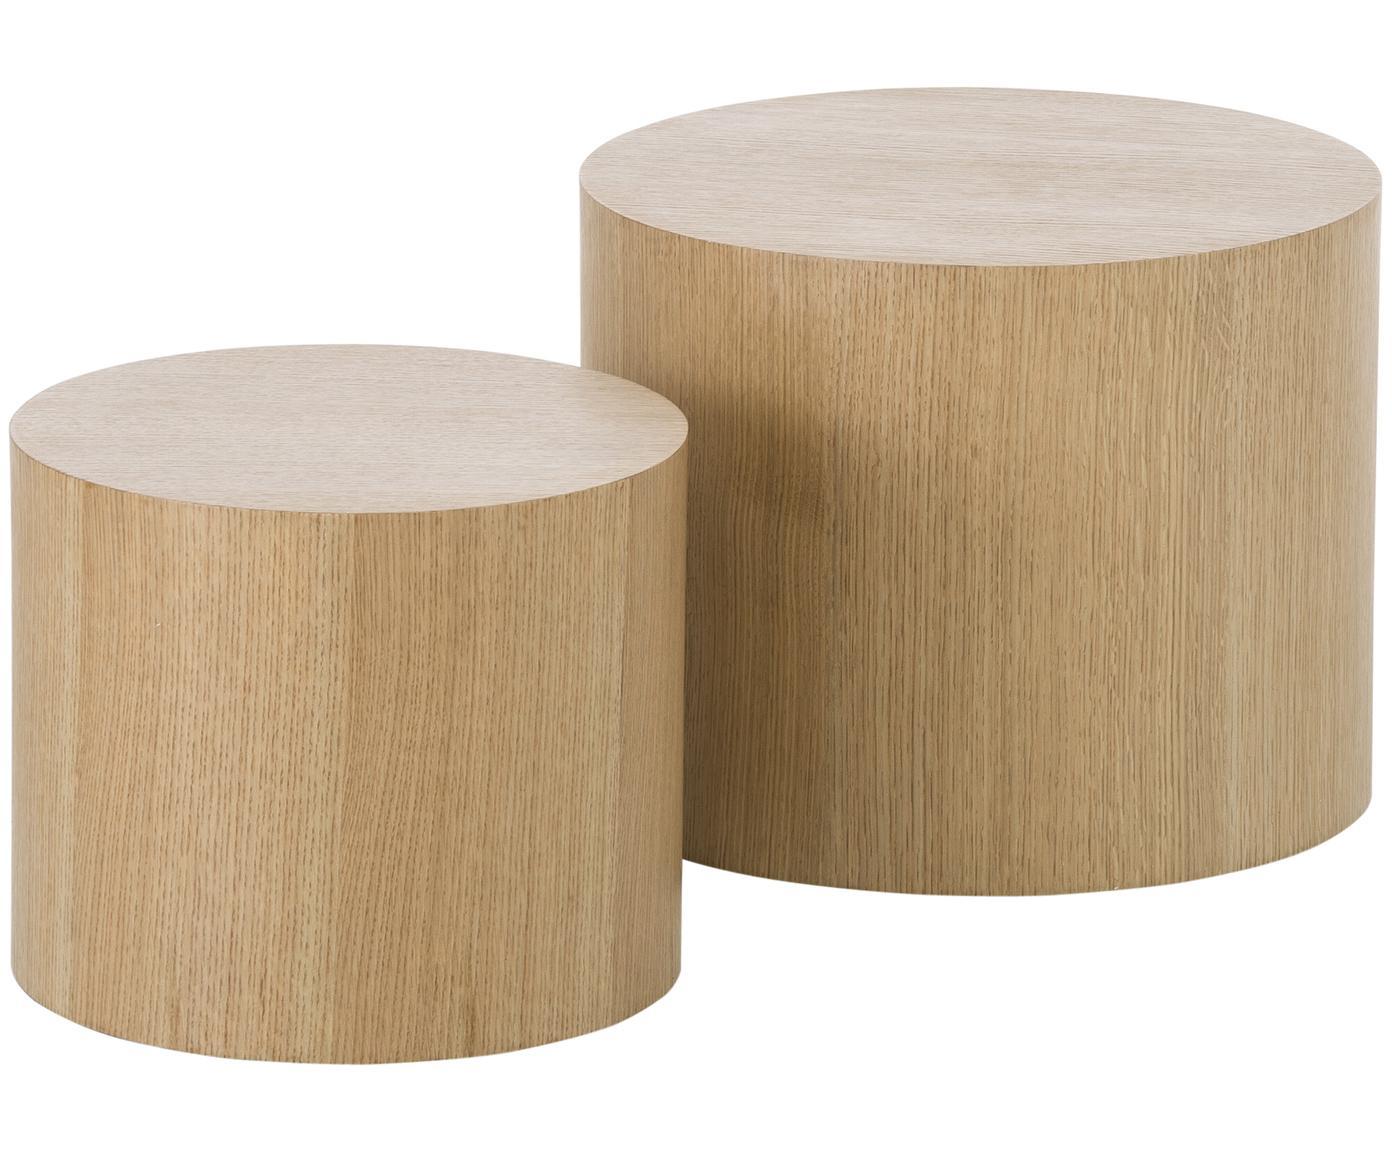 Bijzettafelset Dan van hout, 2-delig, MDF met eikenhoutfineer, Lichtbruin, Verschillende formaten